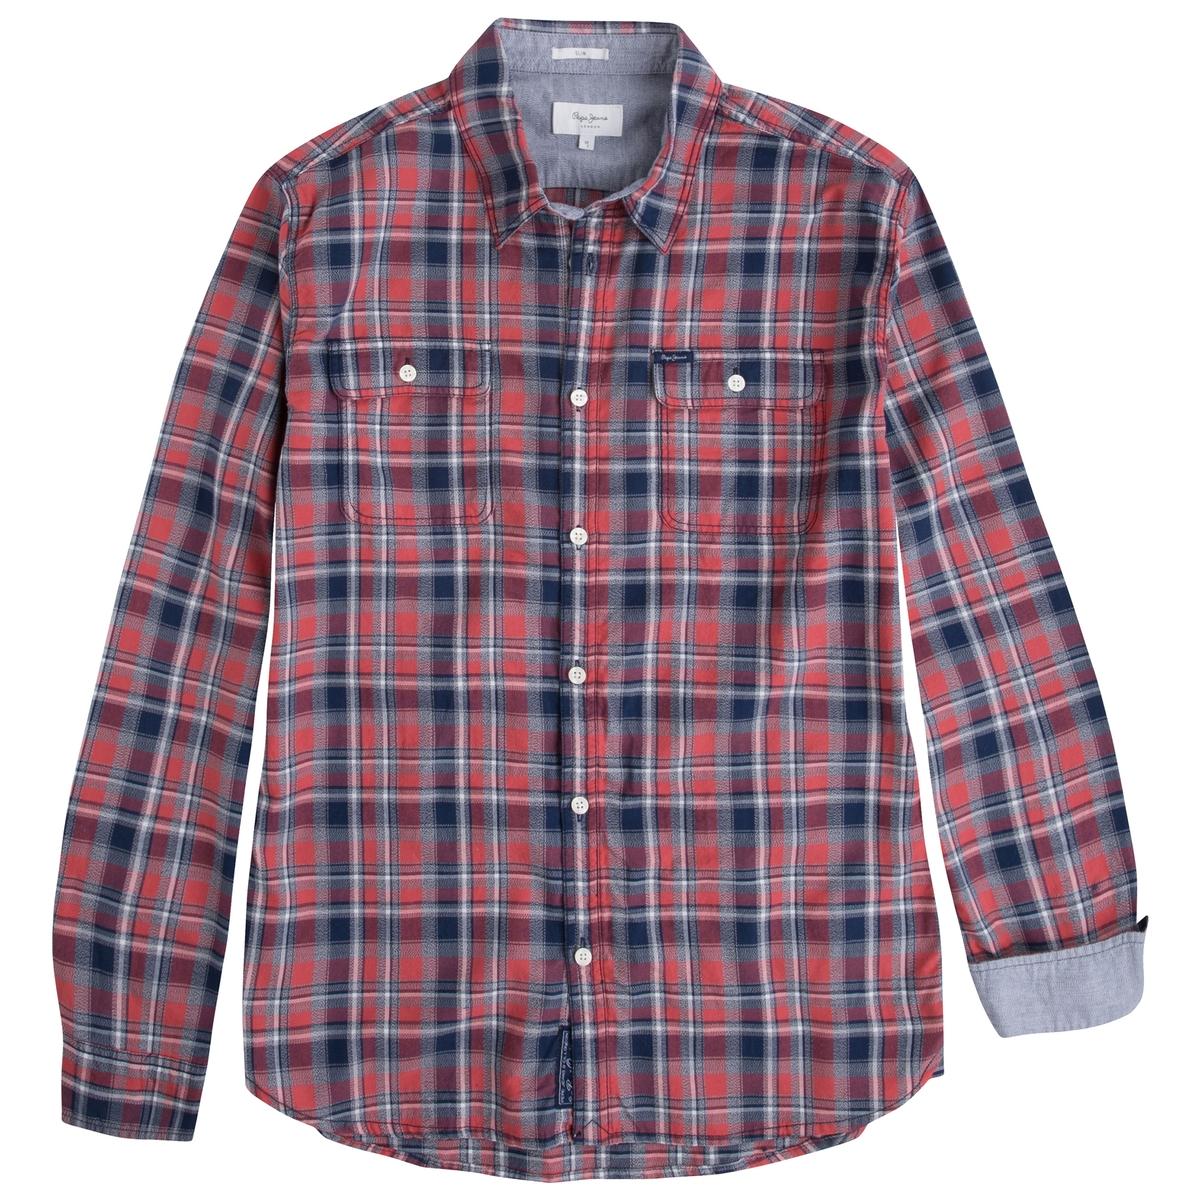 Рубашка с длинными рукавами  PEPE JEANSРубашка с длинными рукавами PEPE JEANS . Сплошной рисунок в клетку . Воротник со свободными уголками. Застежка на пуговицы.  Состав и описание :Материал : 93% хлопка, 7% льна  Марка :  PEPE JEANS<br><br>Цвет: в клетку красный/ синий